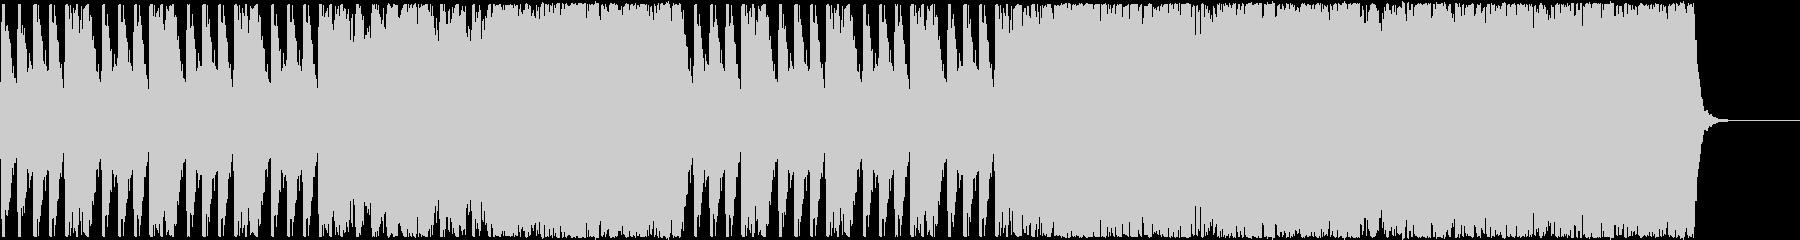 バトルシーン(リズム無しVER.)の未再生の波形